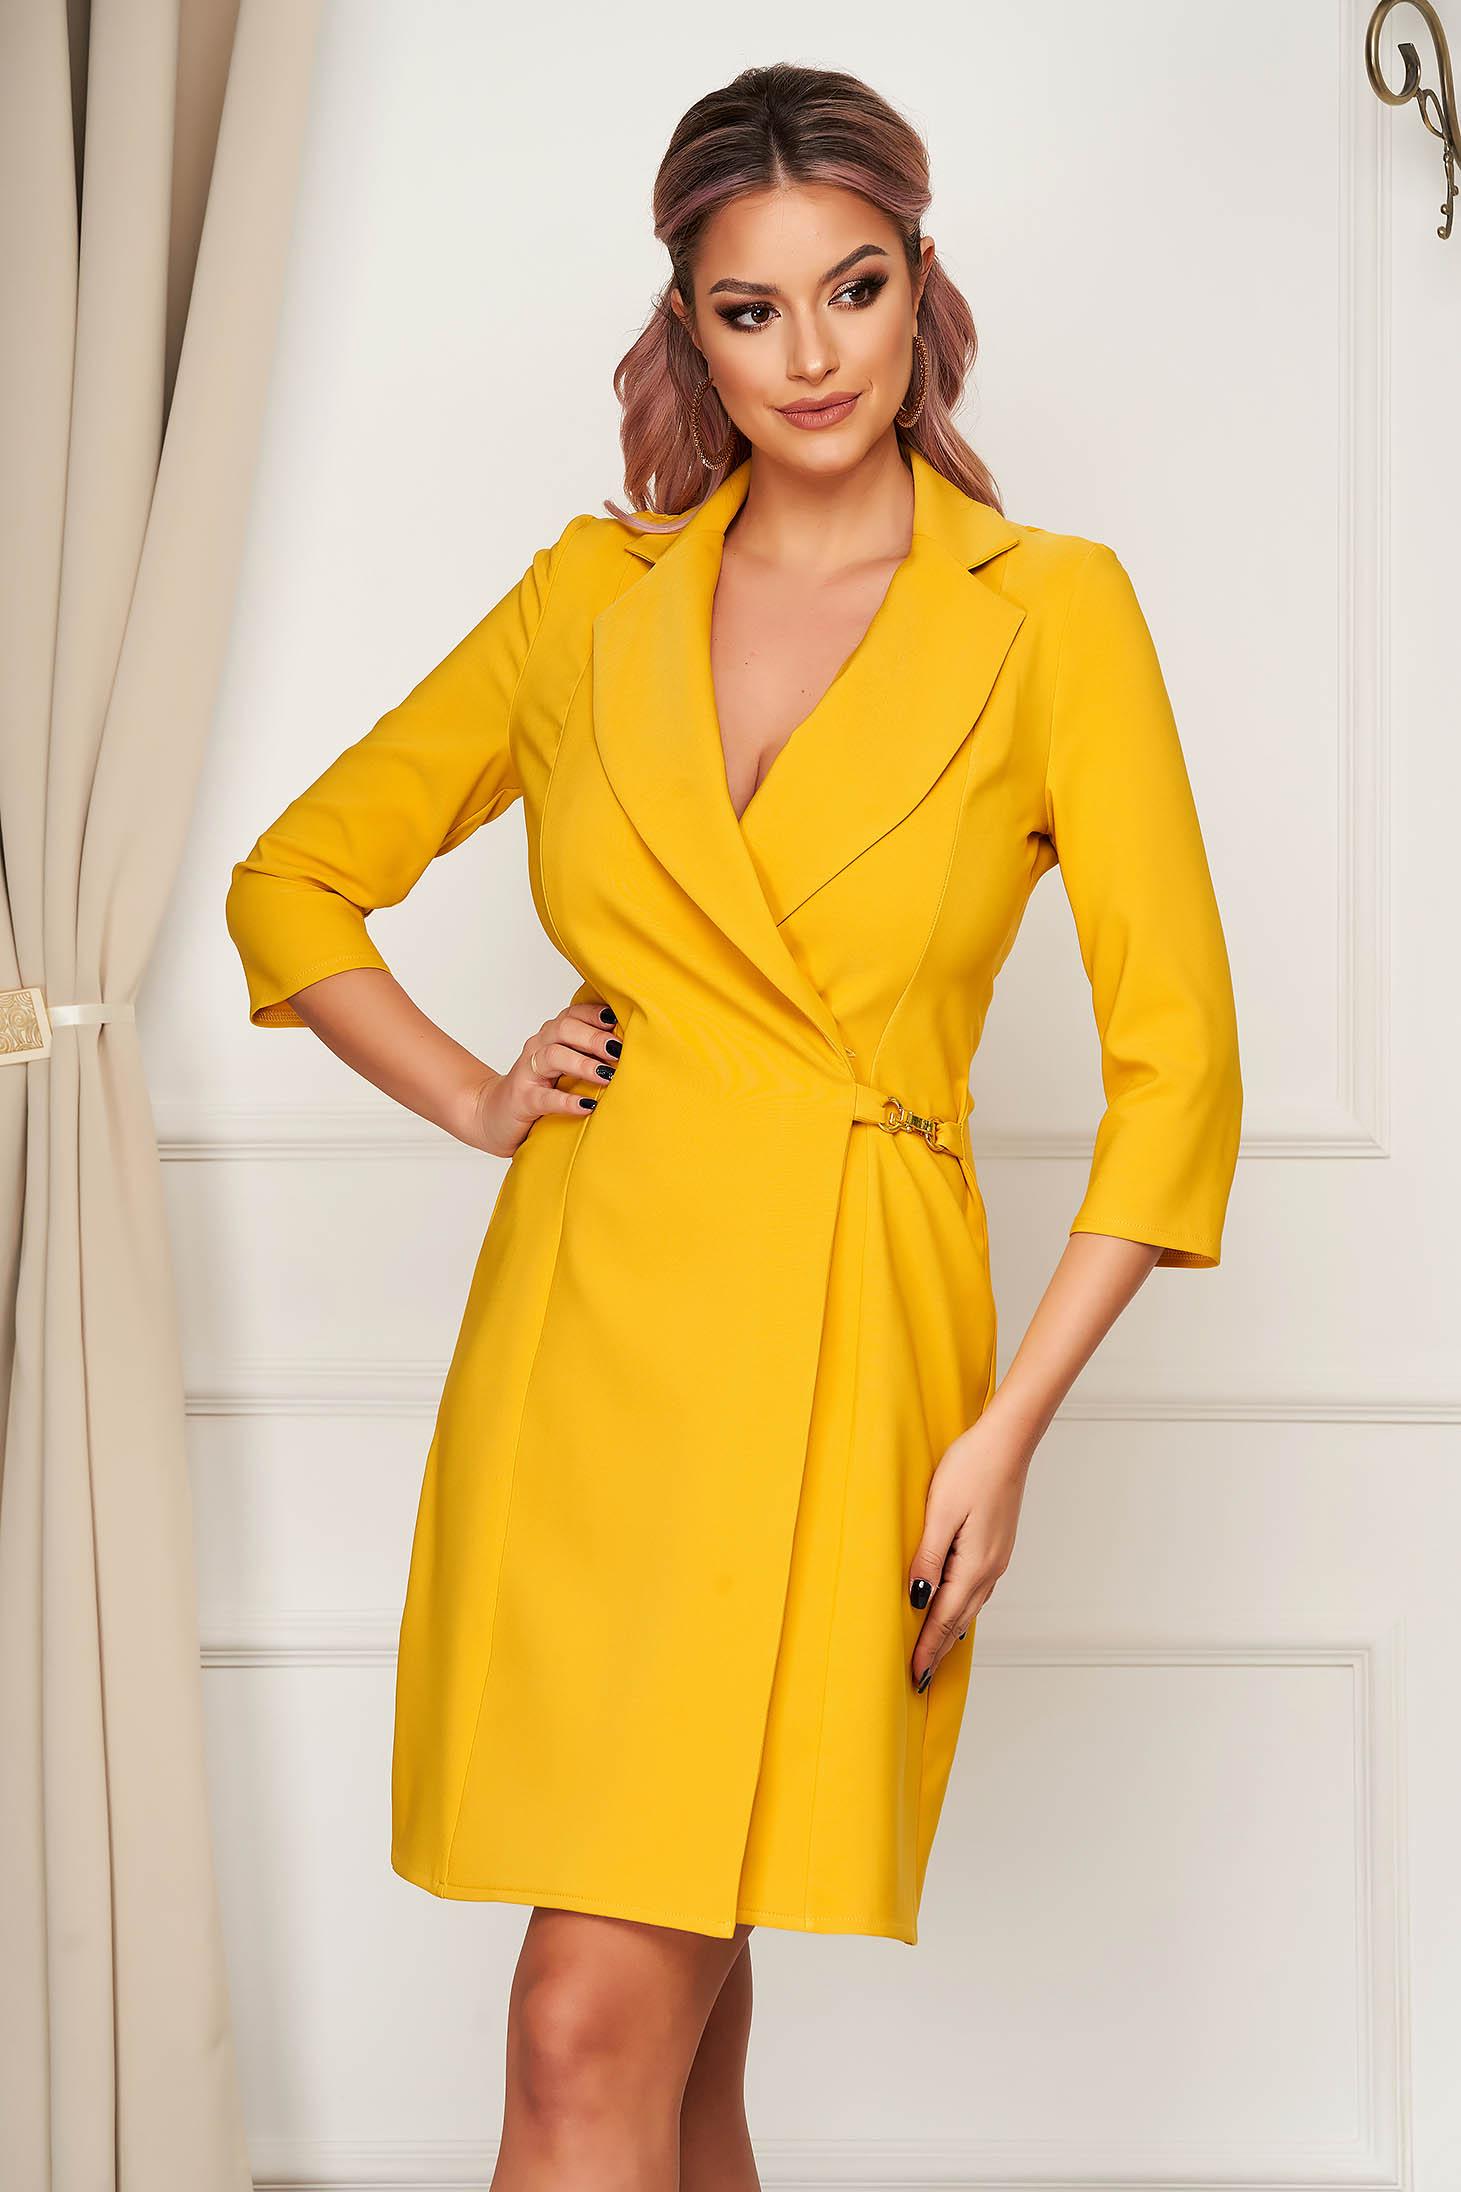 Rochie Artista galbena cu croi in a eleganta scurta petrecuta din stofa material subtire blazer